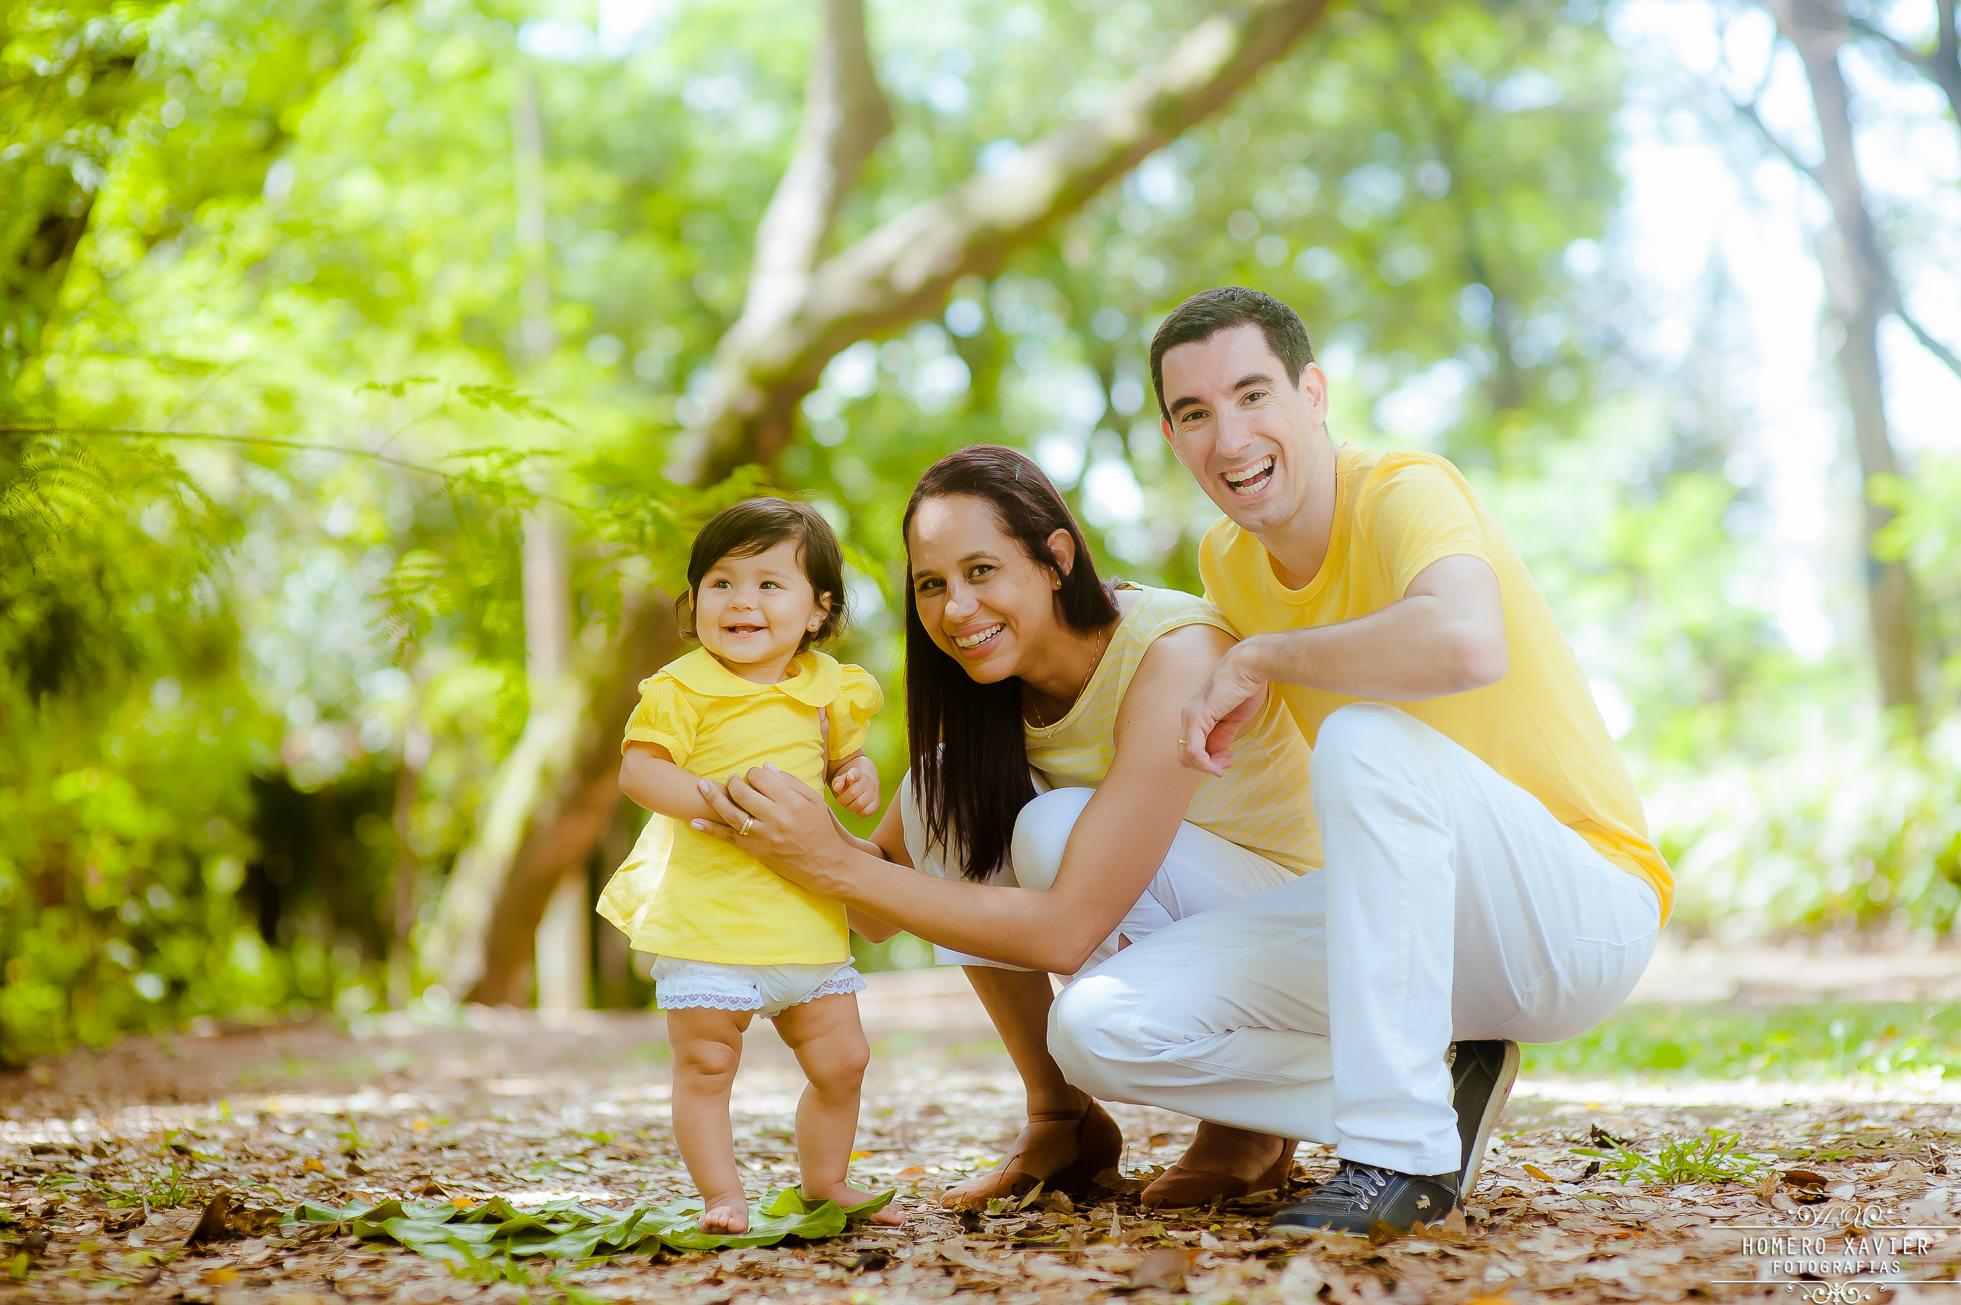 foto infantil em parque em BH